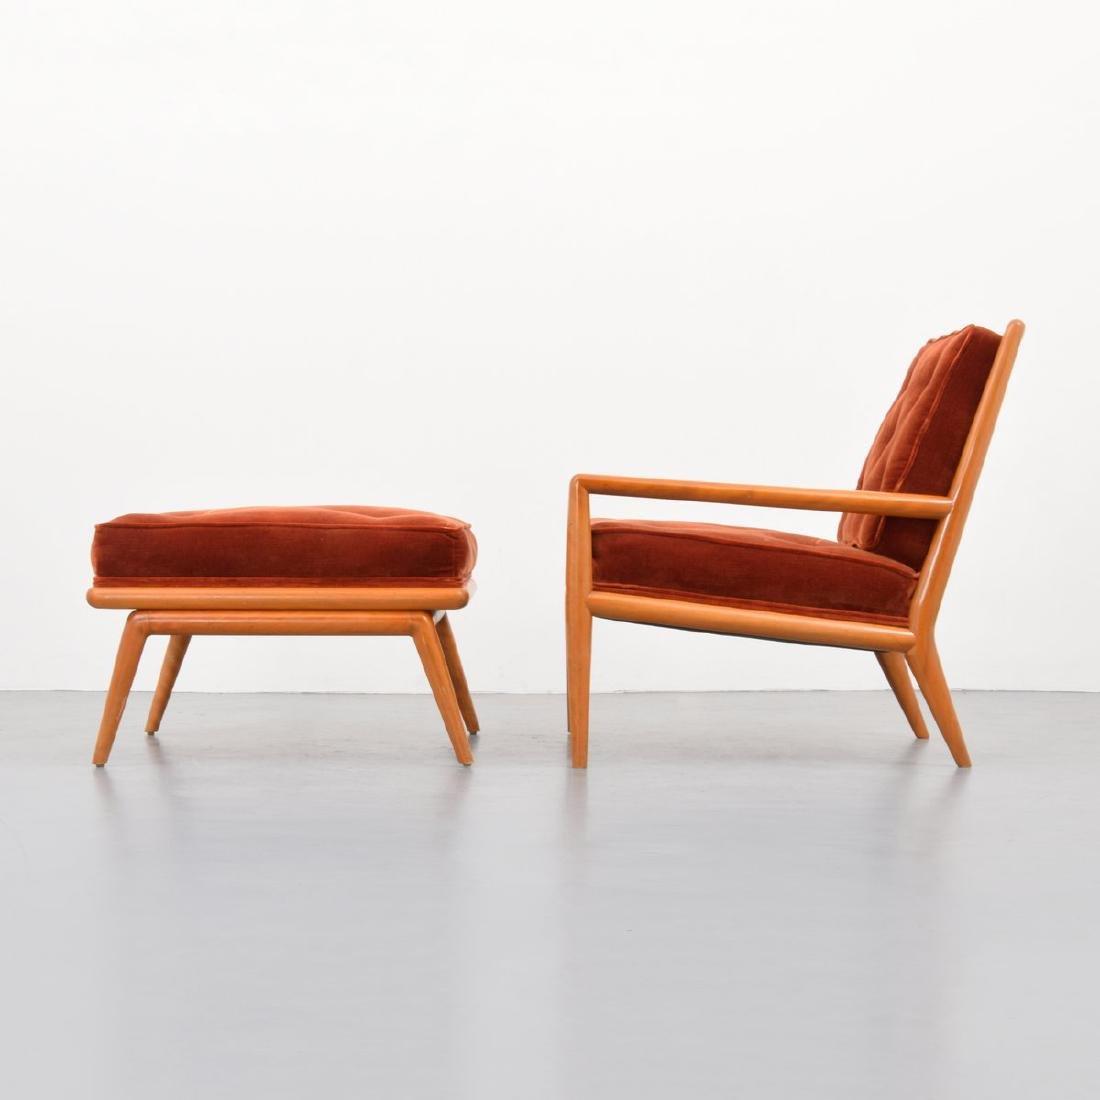 T.H. Robsjohn-Gibbings Lounge Chair & Ottoman - 4